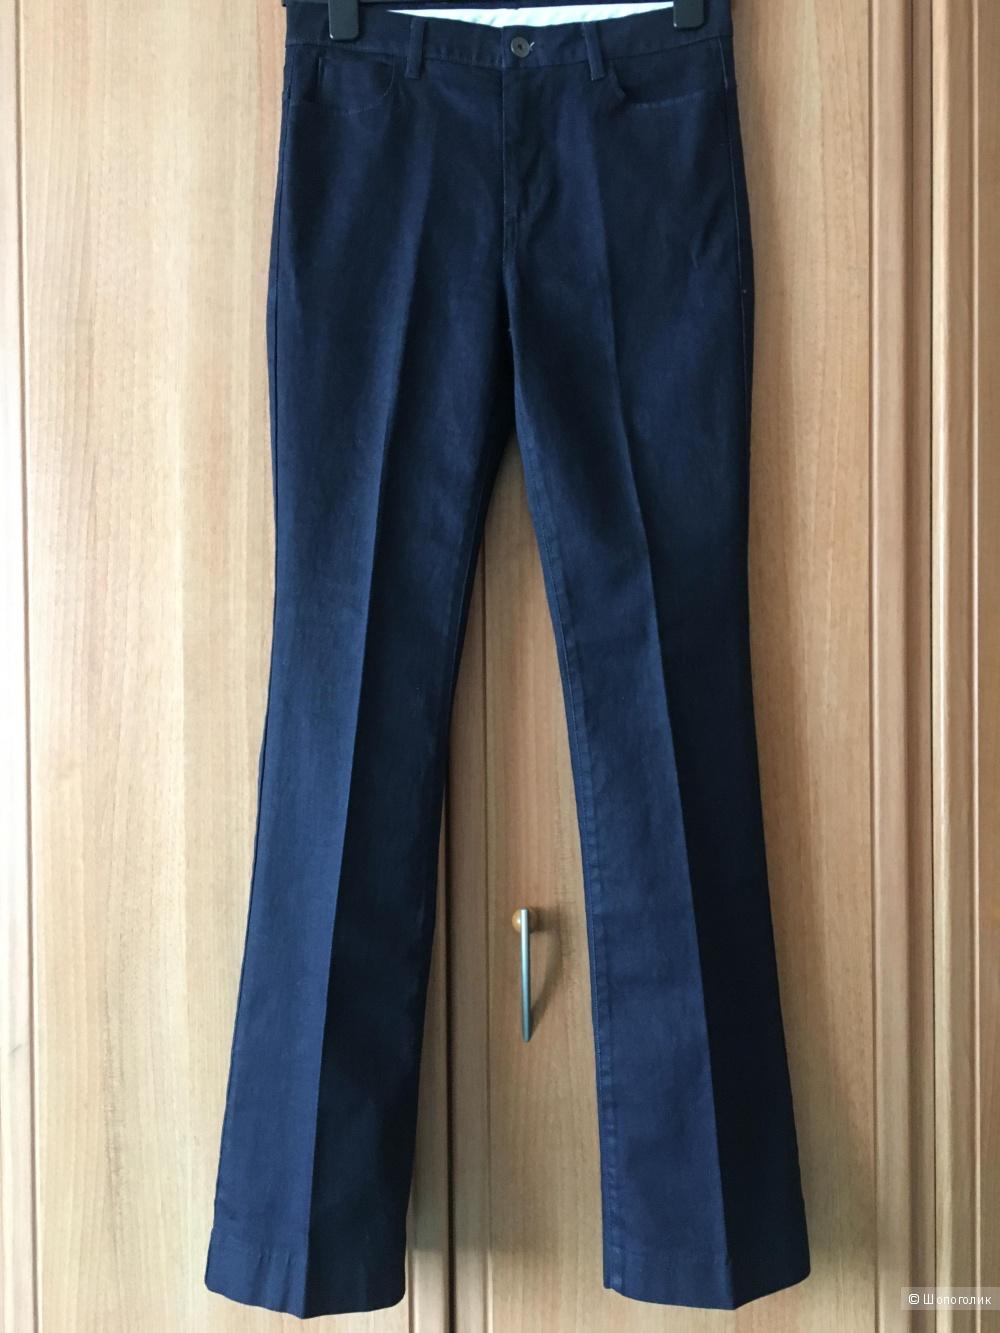 Джинсовые брюки  Benetton, размер 44-46.